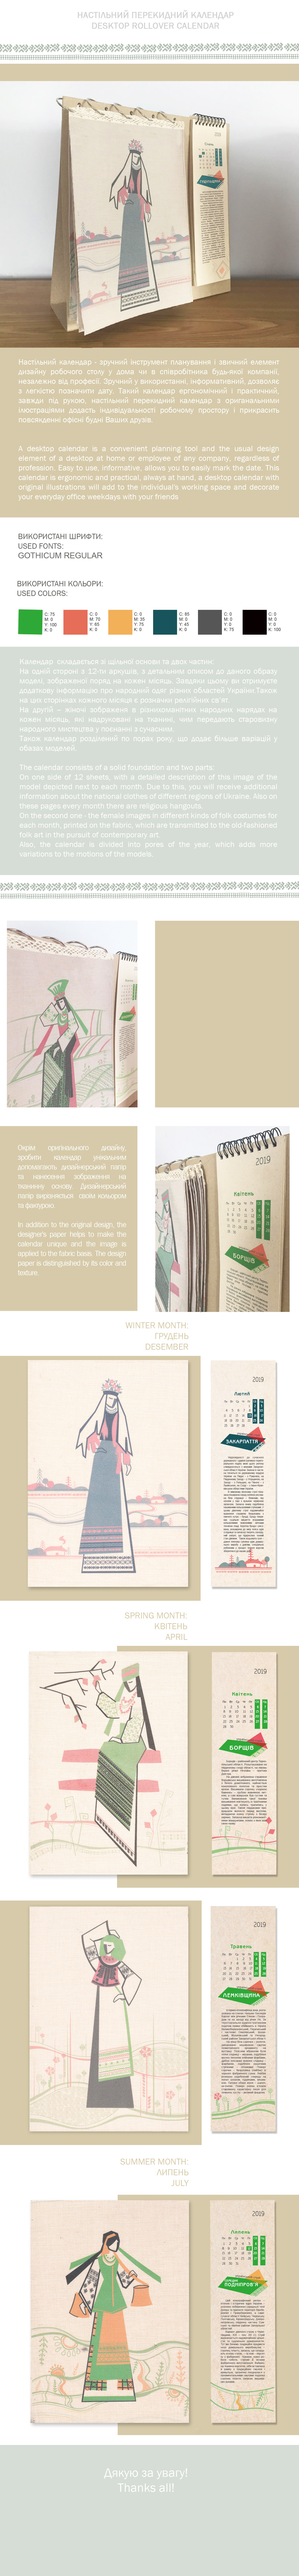 精緻的18款日曆設計欣賞